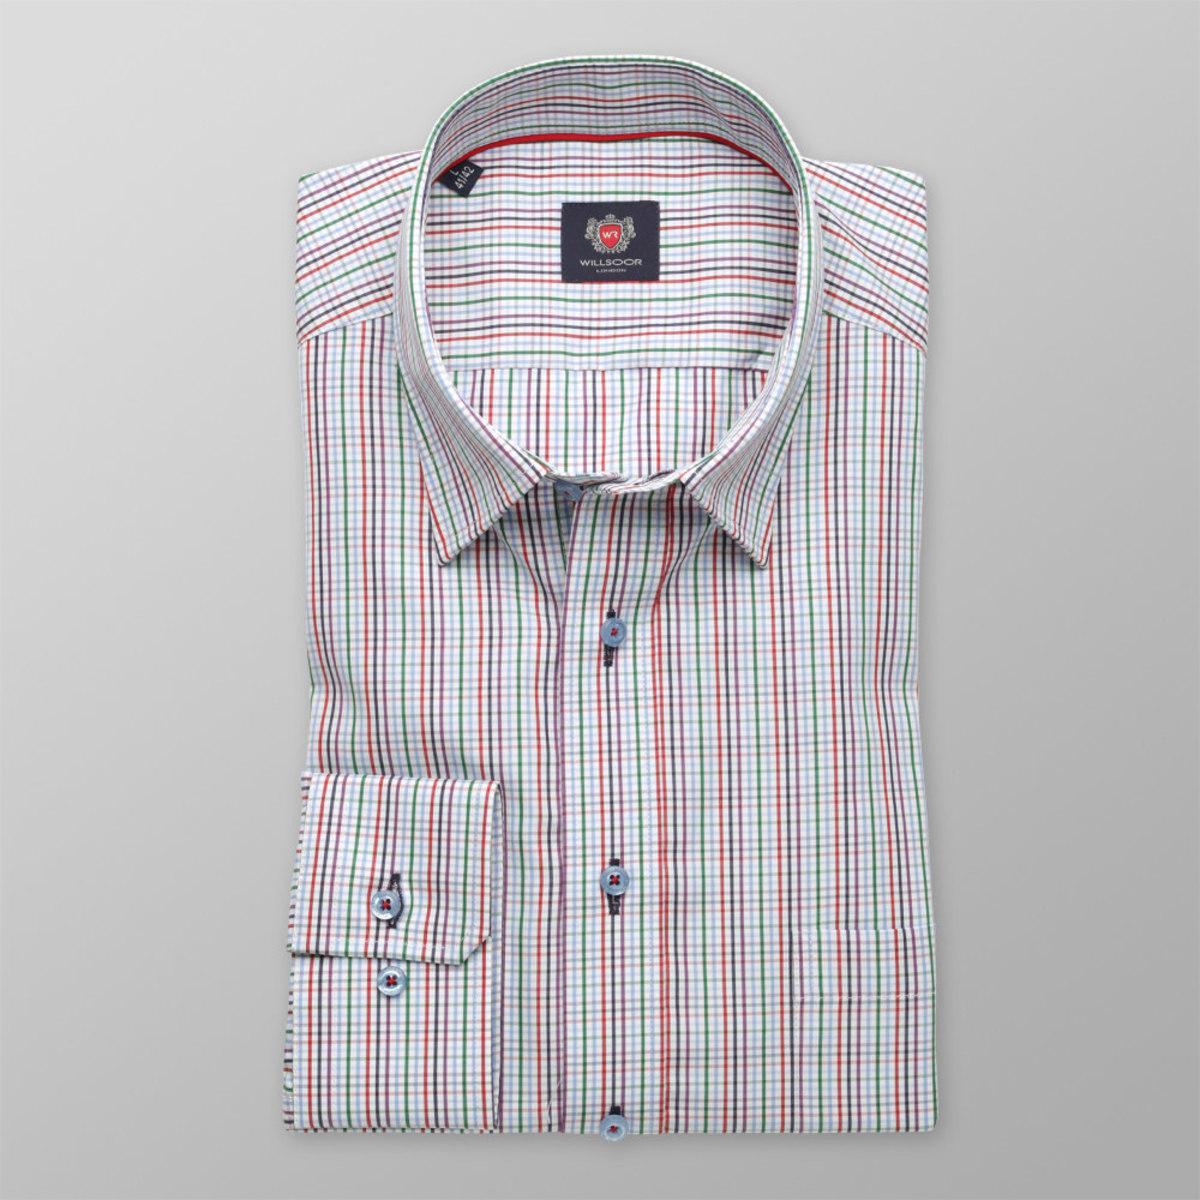 Pánská slim fit košile London (výška 176-182) 8637 v bílé barvě s kostičkou a úpravou easy care 176-182 / M (39/40)